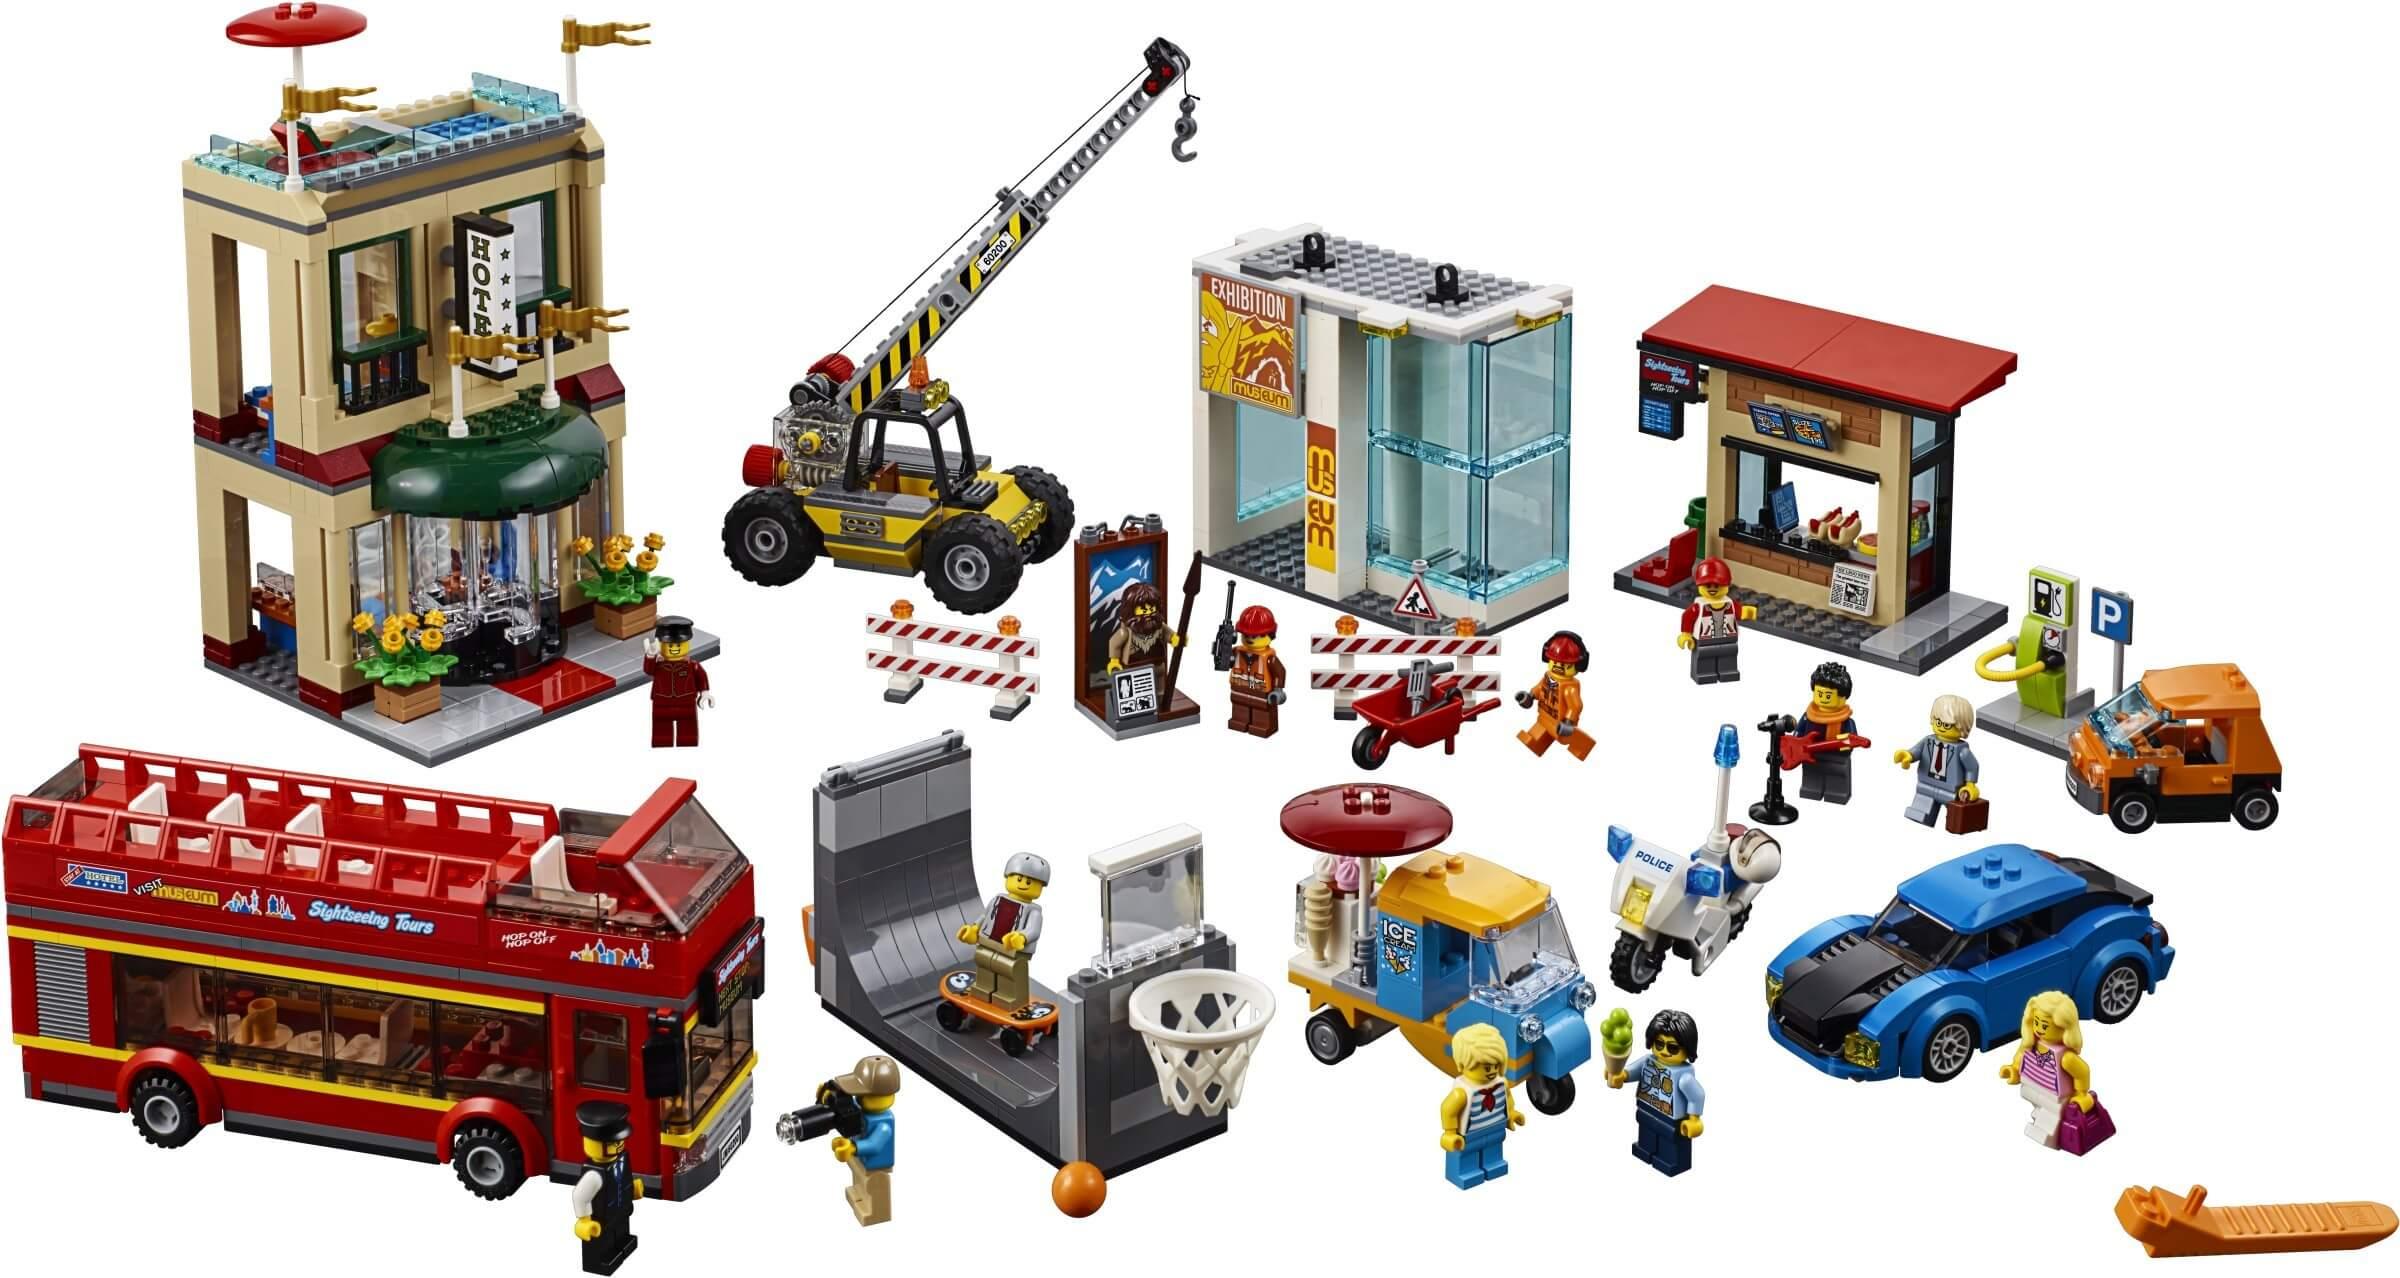 Mua đồ chơi LEGO 60200 - LEGO City 60200 - Trung Tâm Thành Phố Lớn (LEGO 60200 Capital City)